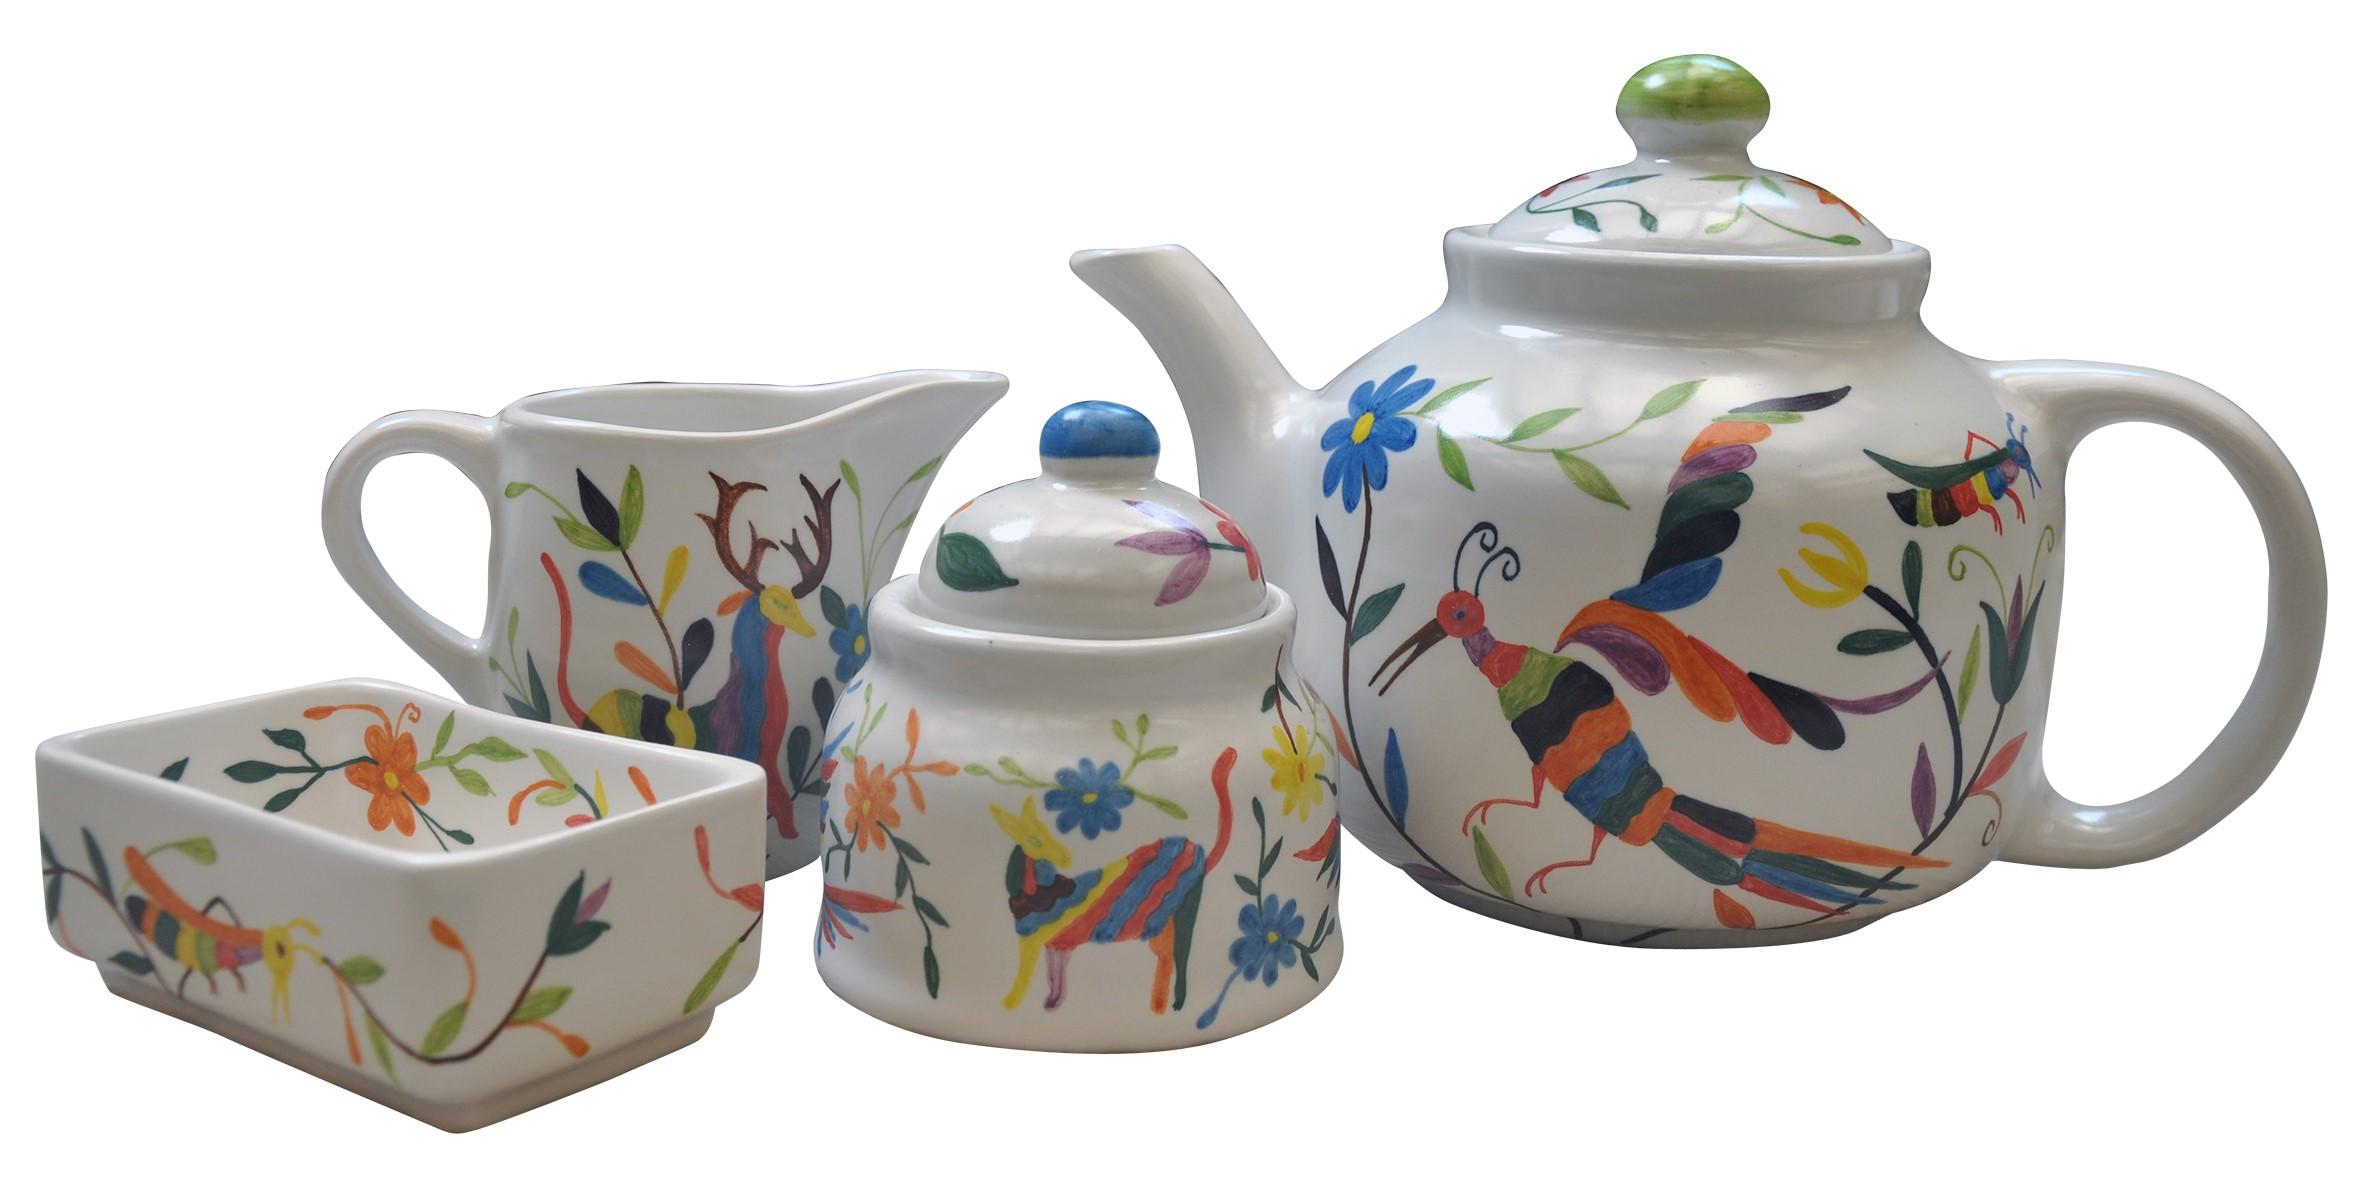 artesan a dise o industrial y productos cer micos con ForProductos Para Ceramica